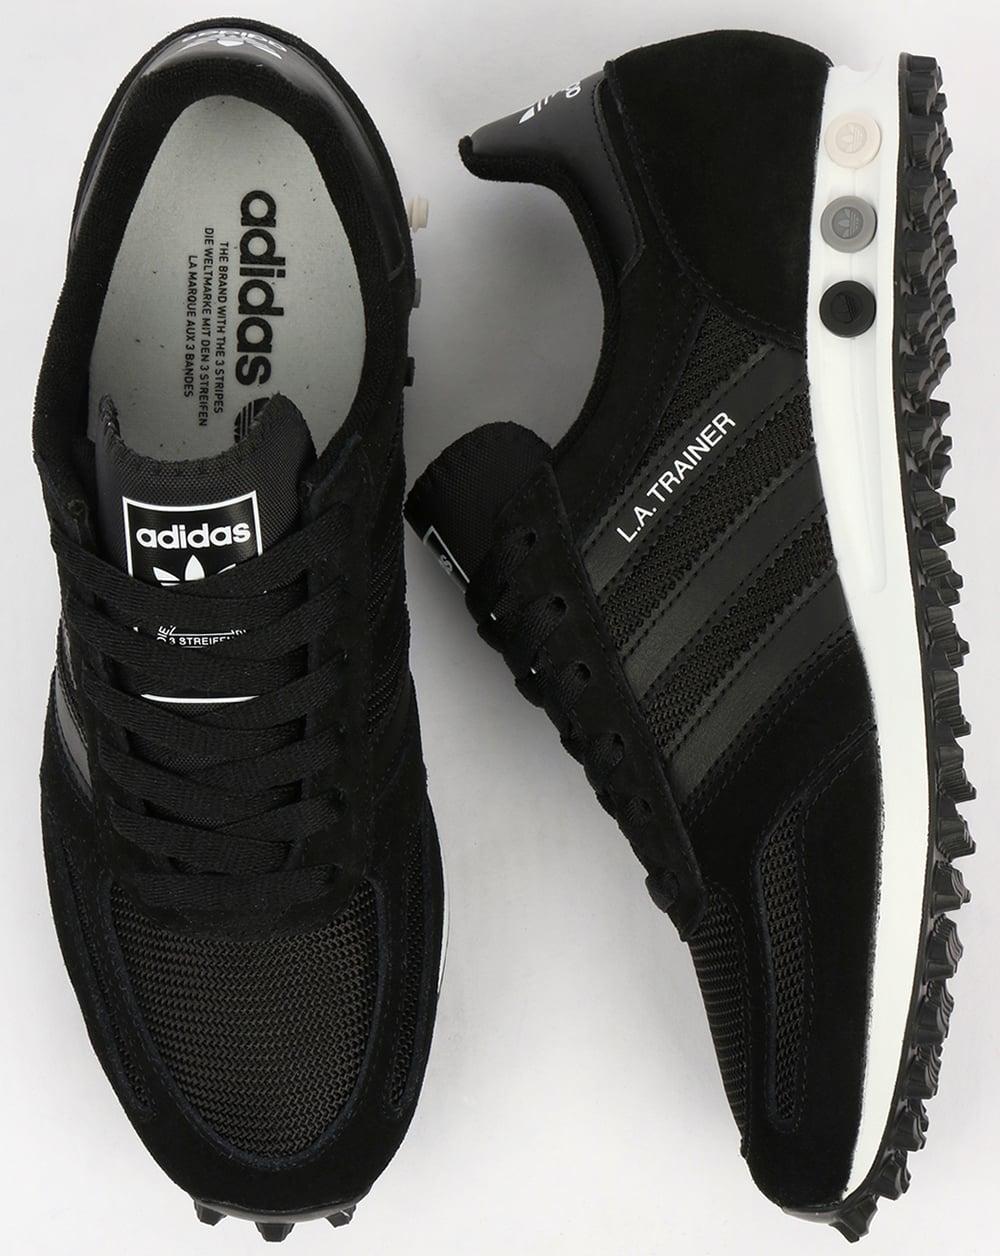 adidas la trainer og black black white shoes running mens. Black Bedroom Furniture Sets. Home Design Ideas